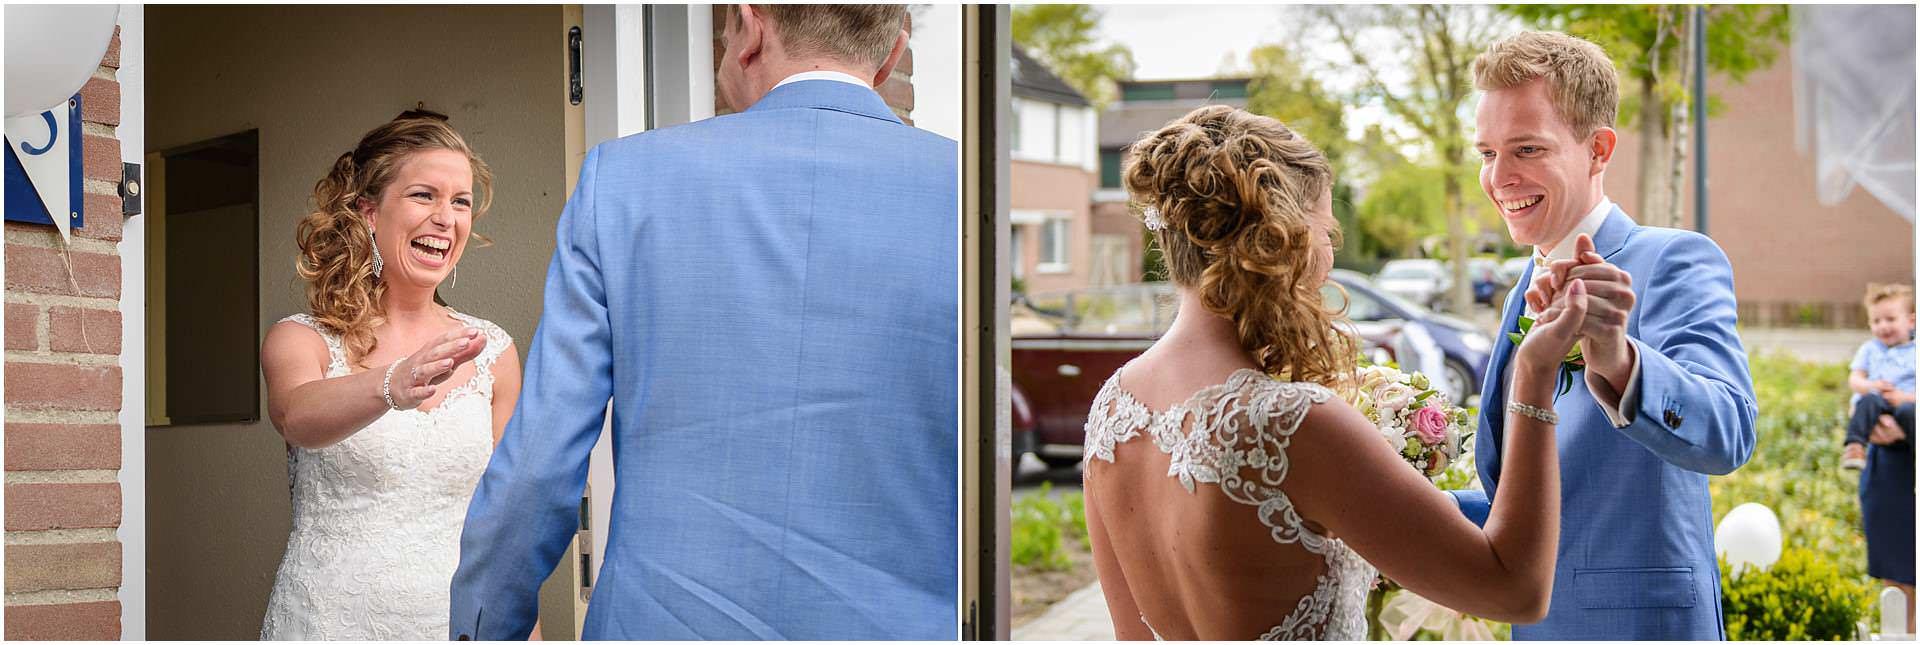 Bruiloftsfotografie Vught door Bruiloft fotograaf Sandy Peters uit Brabant_0028